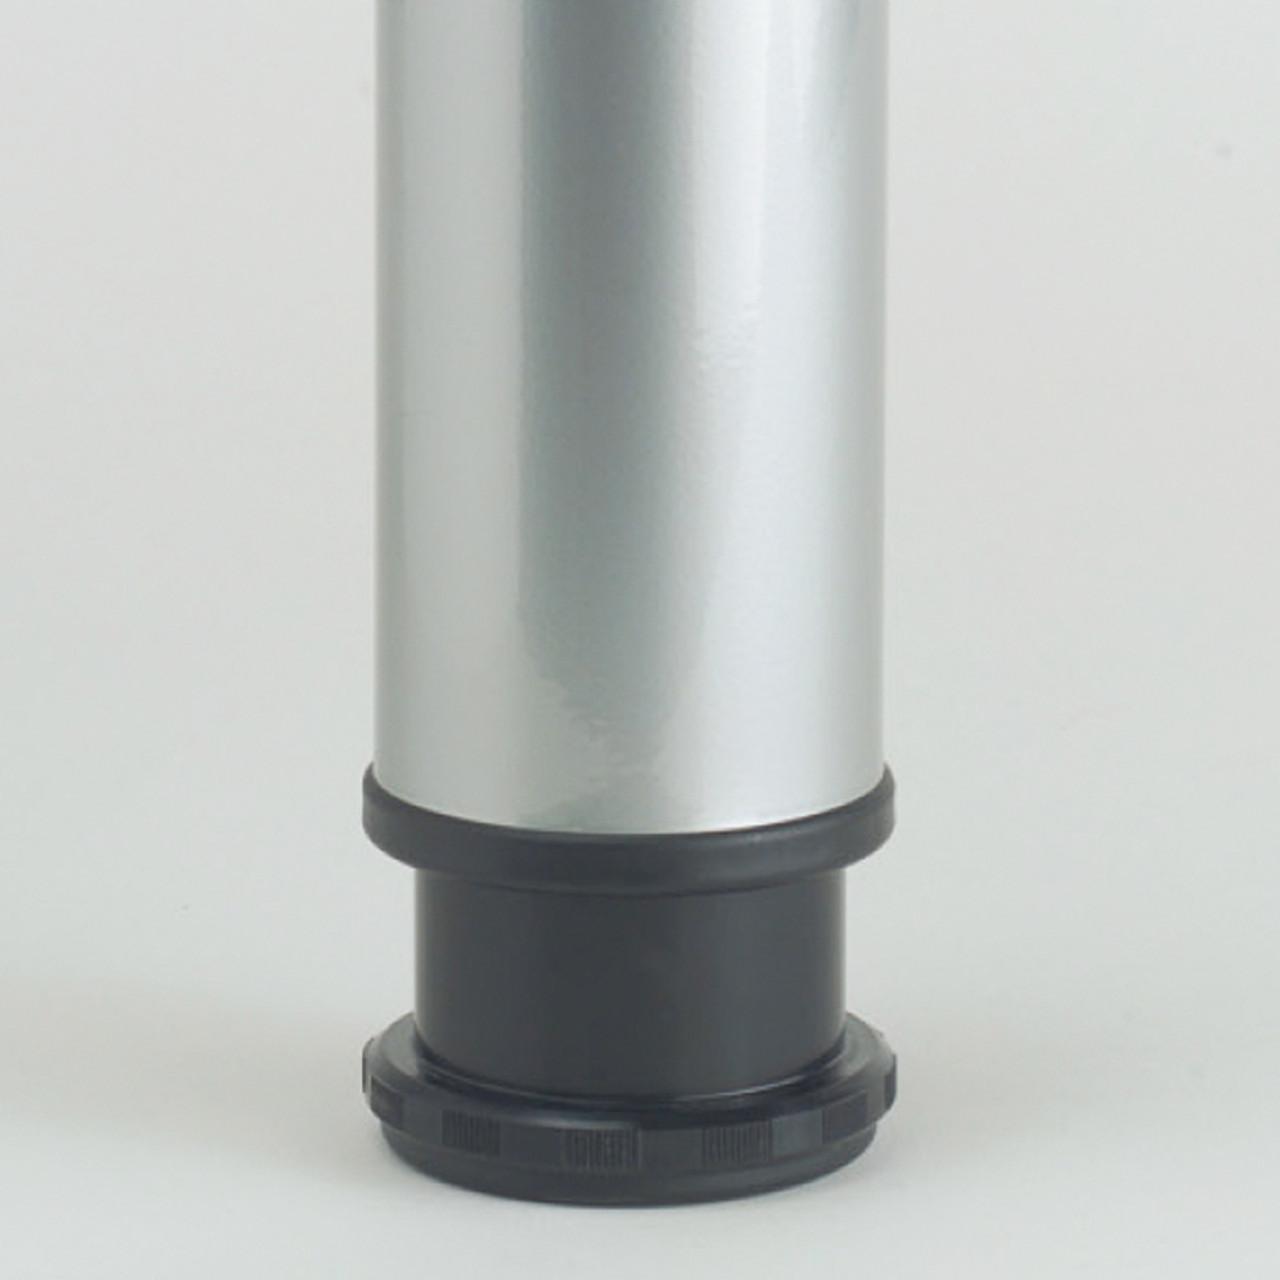 1-1/8'' adjustable foot - replacementtablelegs.com